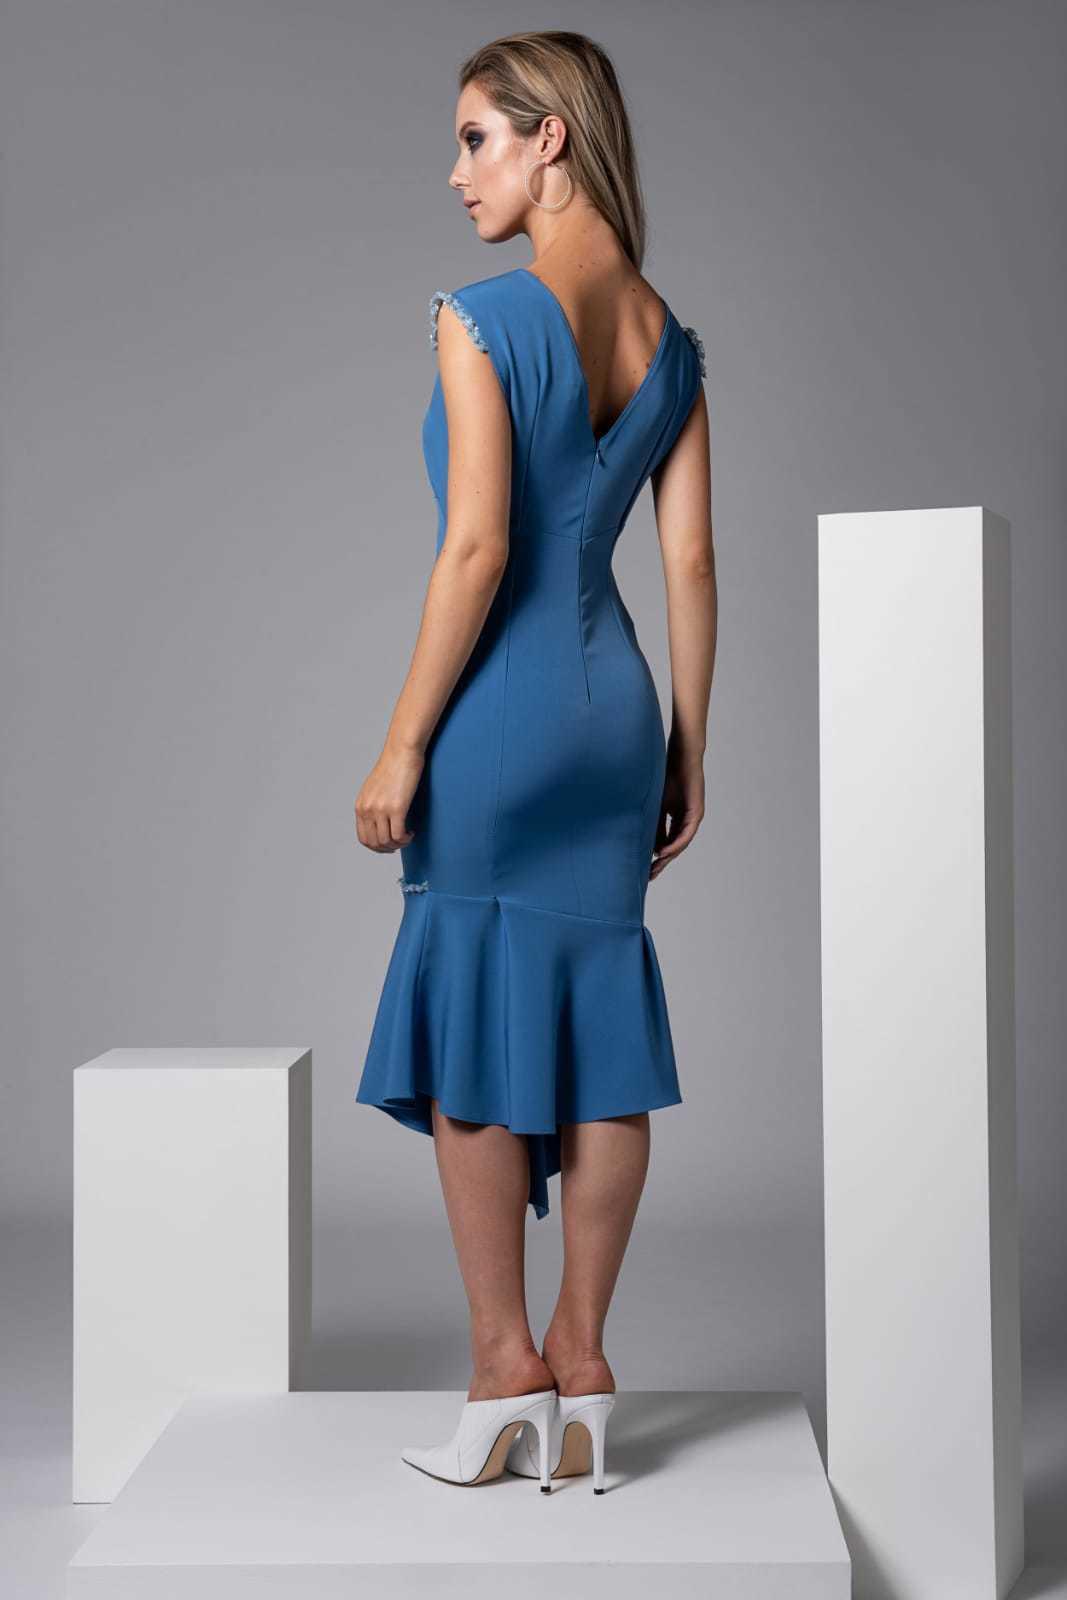 Moor Dress in Blue with Sequin trim